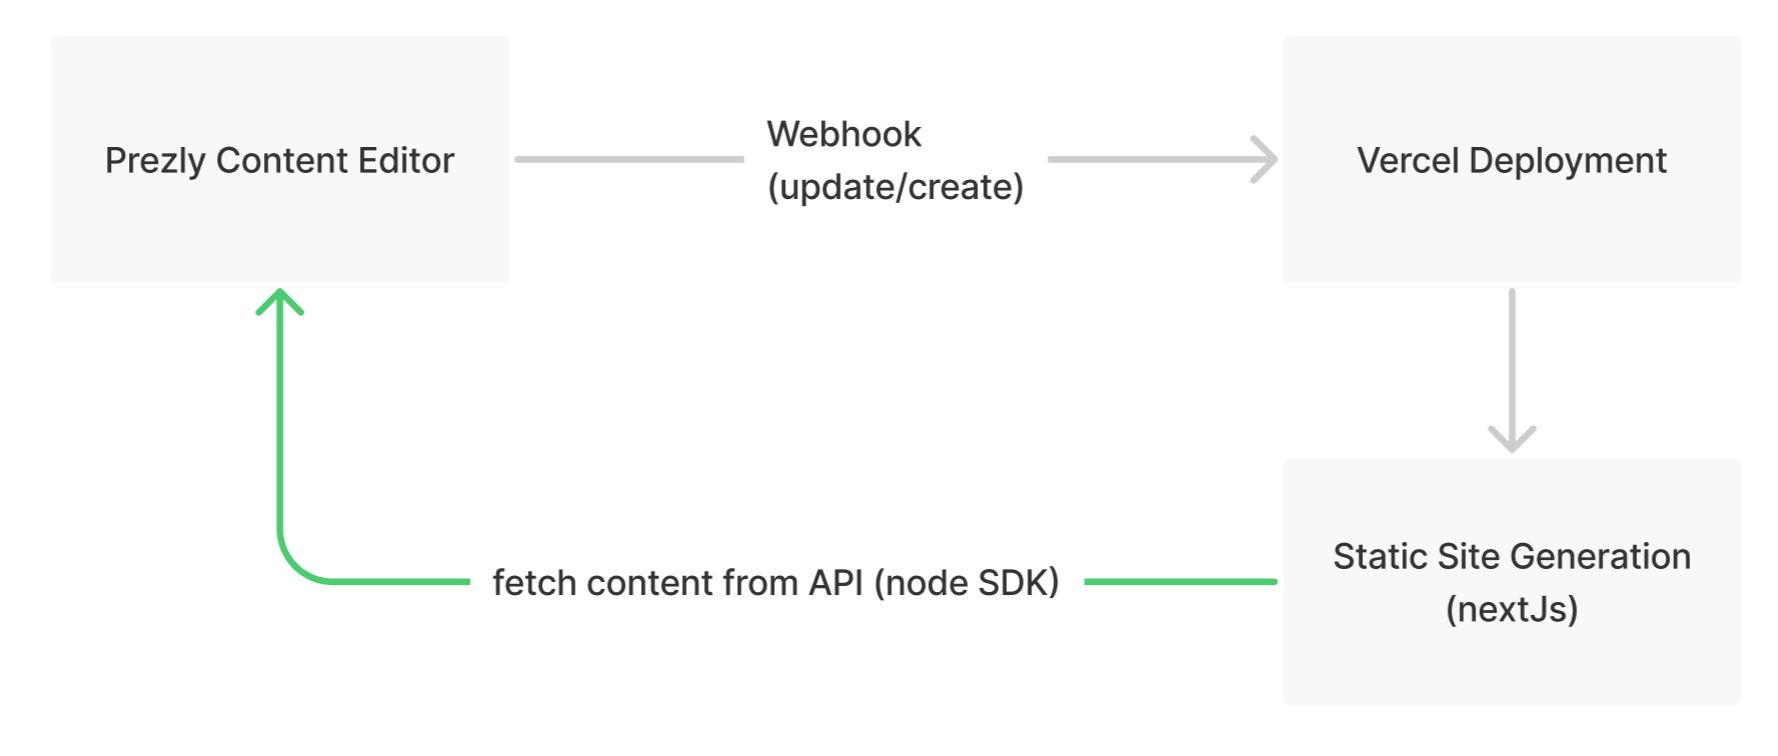 Edit -> Webhook -> Deploy